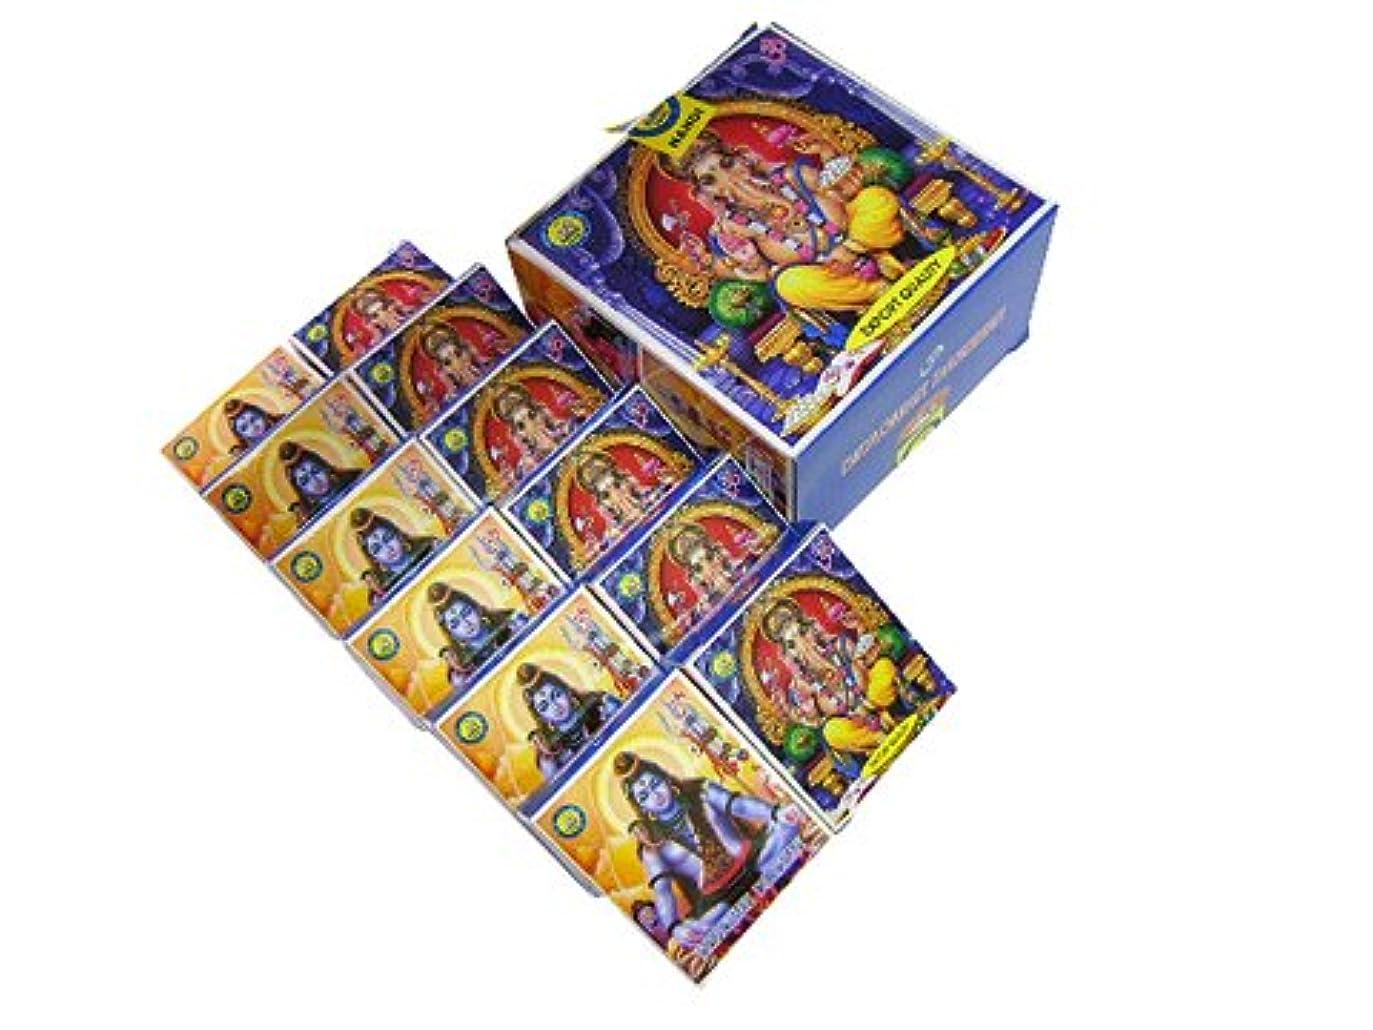 調整するウルル想像力ナンディ バグワンダルシャン香コーンタイプ NANDI BHAGWAN CORN 12箱セット